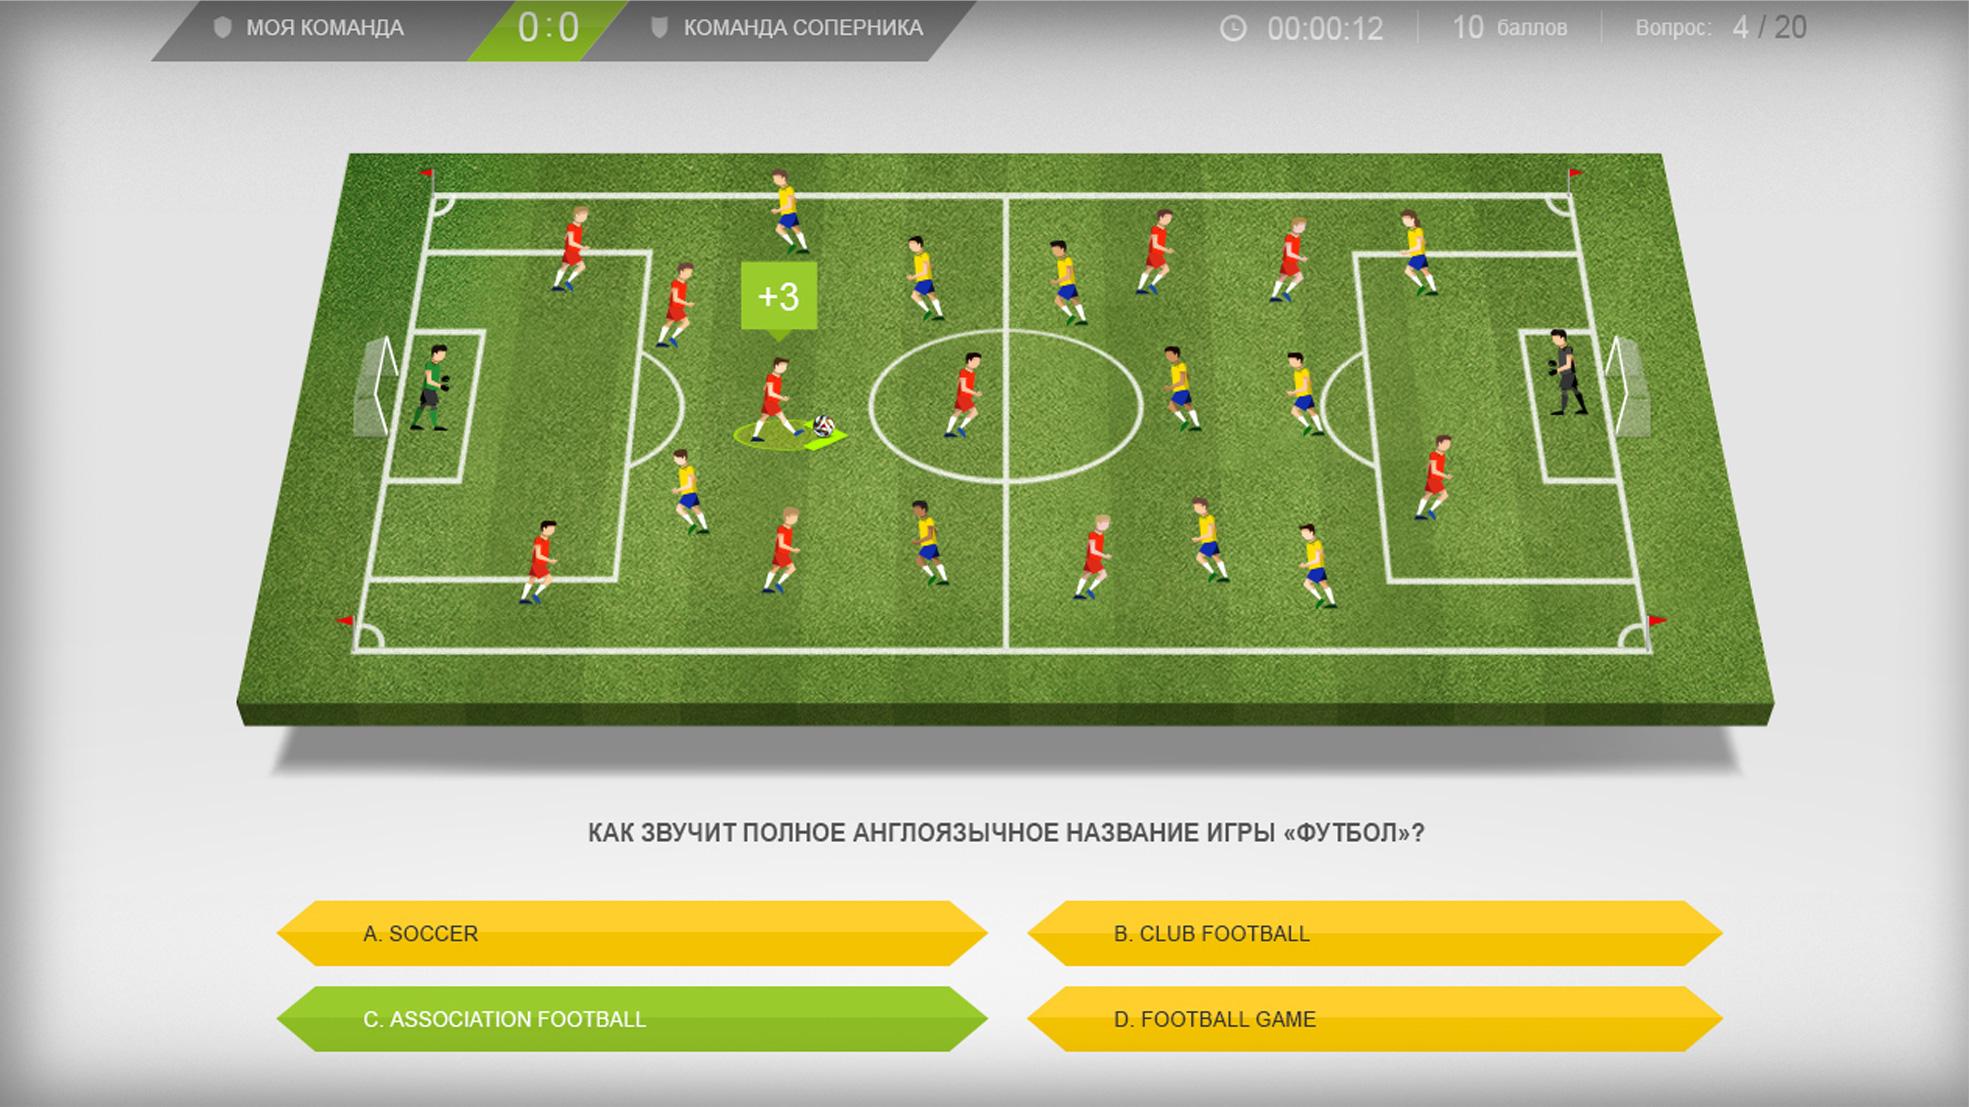 Как звучит полное англоязычное название игры футбол»?